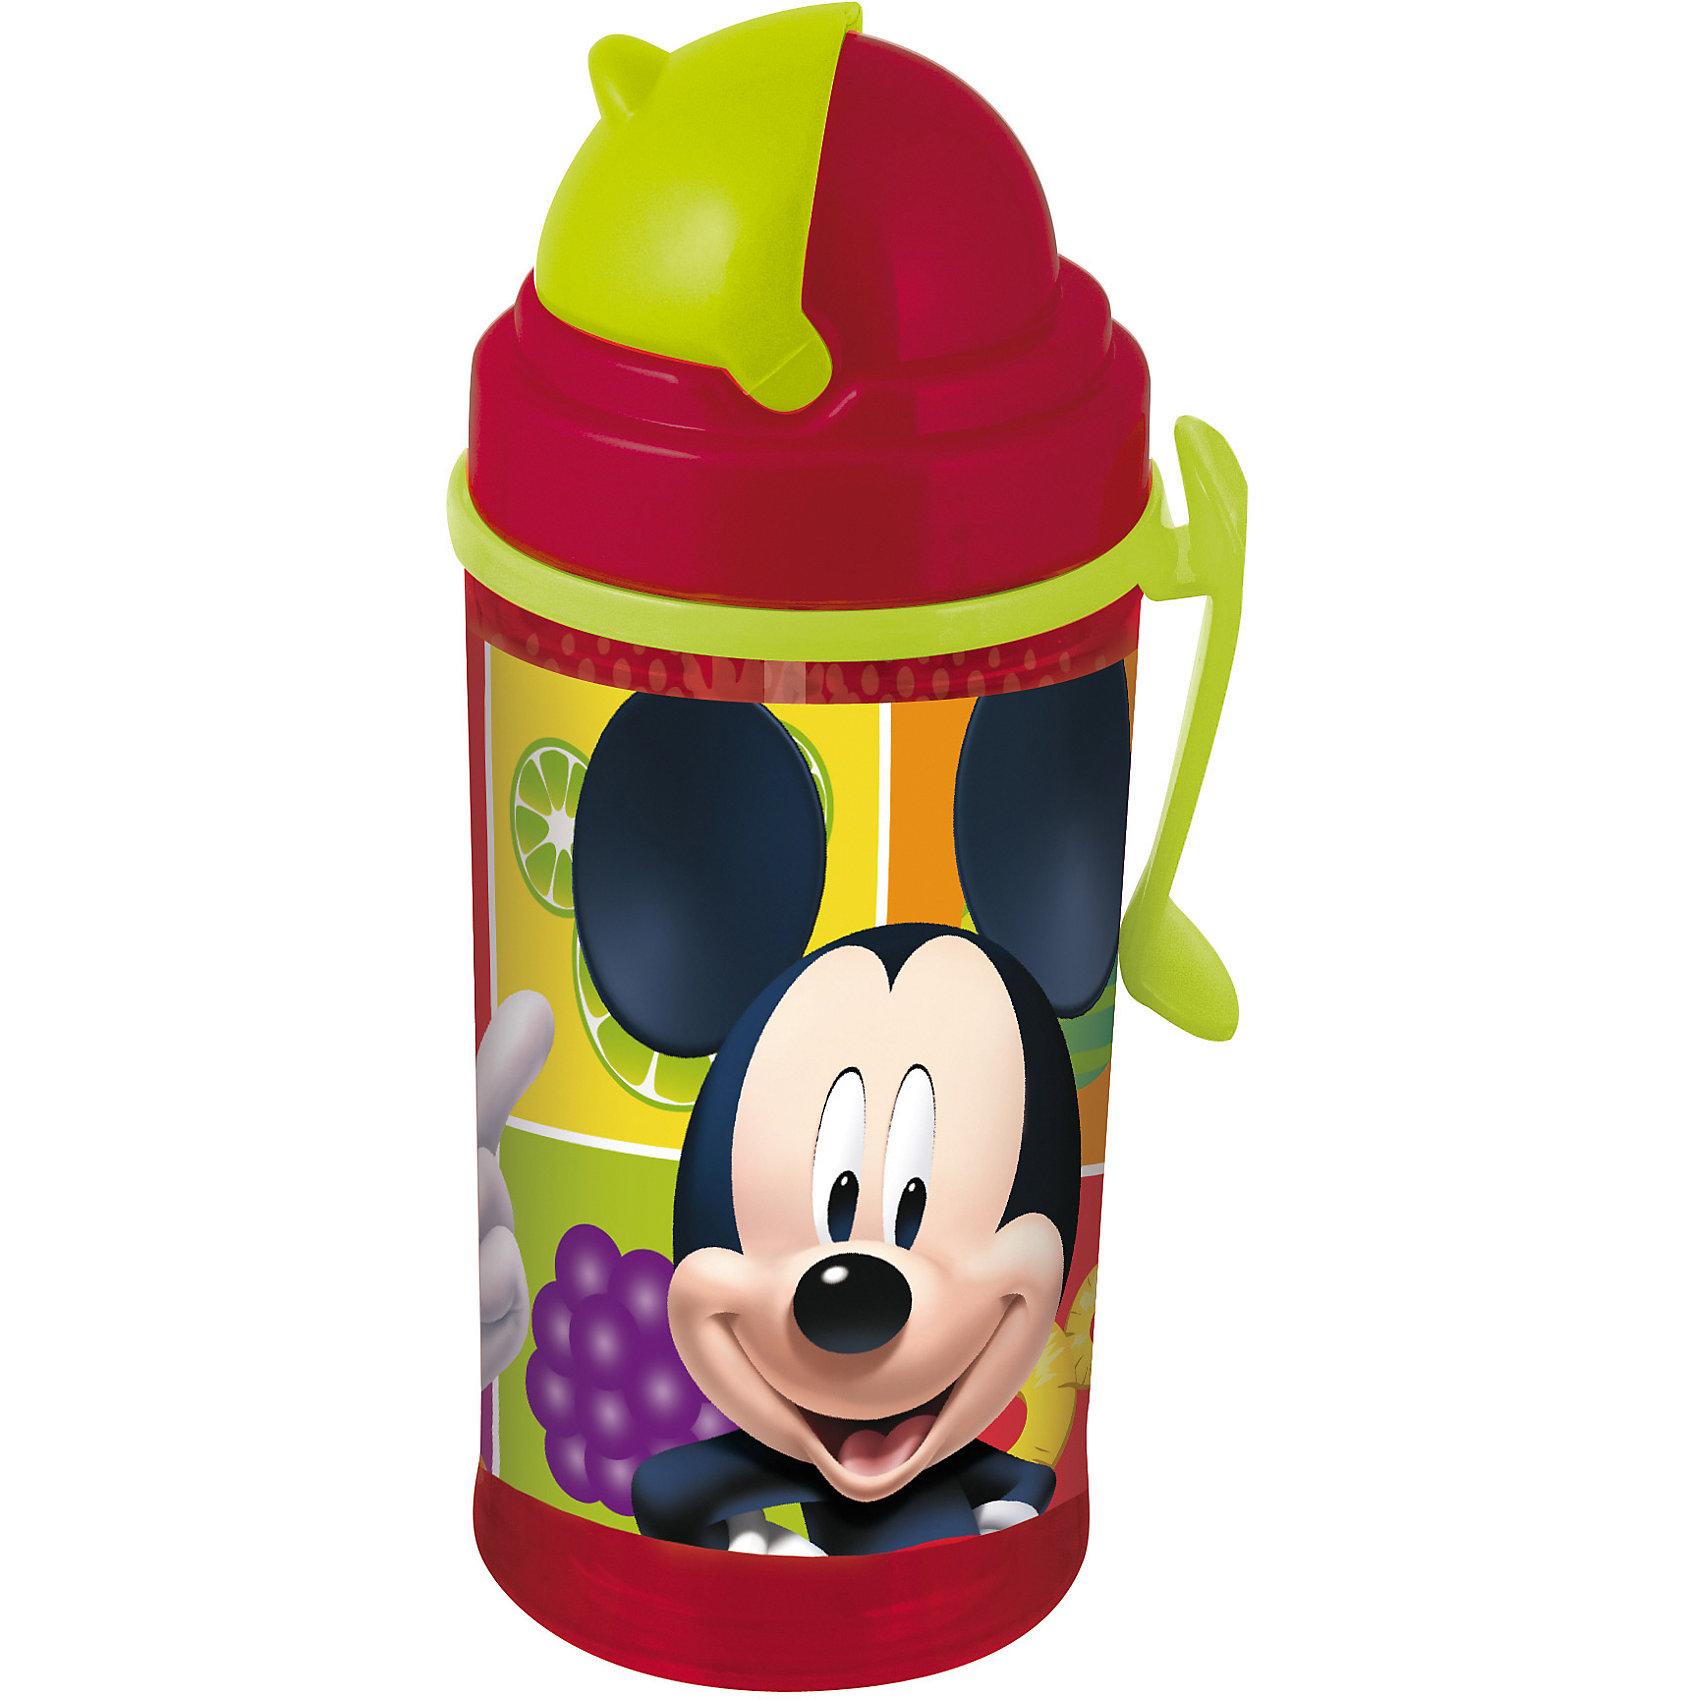 Фляга с соломинкой и держателем Микки Маус 350 млМикки Маус и его друзья<br>Фляга с соломинкой и держателем Микки Маус (Mickey Mouse) 350 мл – идеальный спутник малыша поездках и путешествиях, ее можно взять в школу, на прогулку.<br>Яркая детская фляга с соломинкой и держателем украшена изображением героев мультсериала «Микки Маус и его друзья». Она изготовлена из высококачественного, пищевого пластика. Ребенок без труда сможет открывать и закрывать крышку, которая обеспечивает чистоту трубочки и предотвращает проливание напитков. Фляга имеет удобный держатель, который хорошо фиксируется на поясе.<br><br>Дополнительная информация:<br><br>- Материал: пластик<br>- Объем: 350 мл.<br>- Размер упаковки: 75х80х175 мм.<br>- Вес: 165 гр.<br><br>Флягу с соломинкой и держателем Микки Маус (Mickey Mouse) 350 мл можно купить в нашем интернет-магазине.<br><br>Ширина мм: 75<br>Глубина мм: 80<br>Высота мм: 175<br>Вес г: 165<br>Возраст от месяцев: 36<br>Возраст до месяцев: 84<br>Пол: Унисекс<br>Возраст: Детский<br>SKU: 4574314